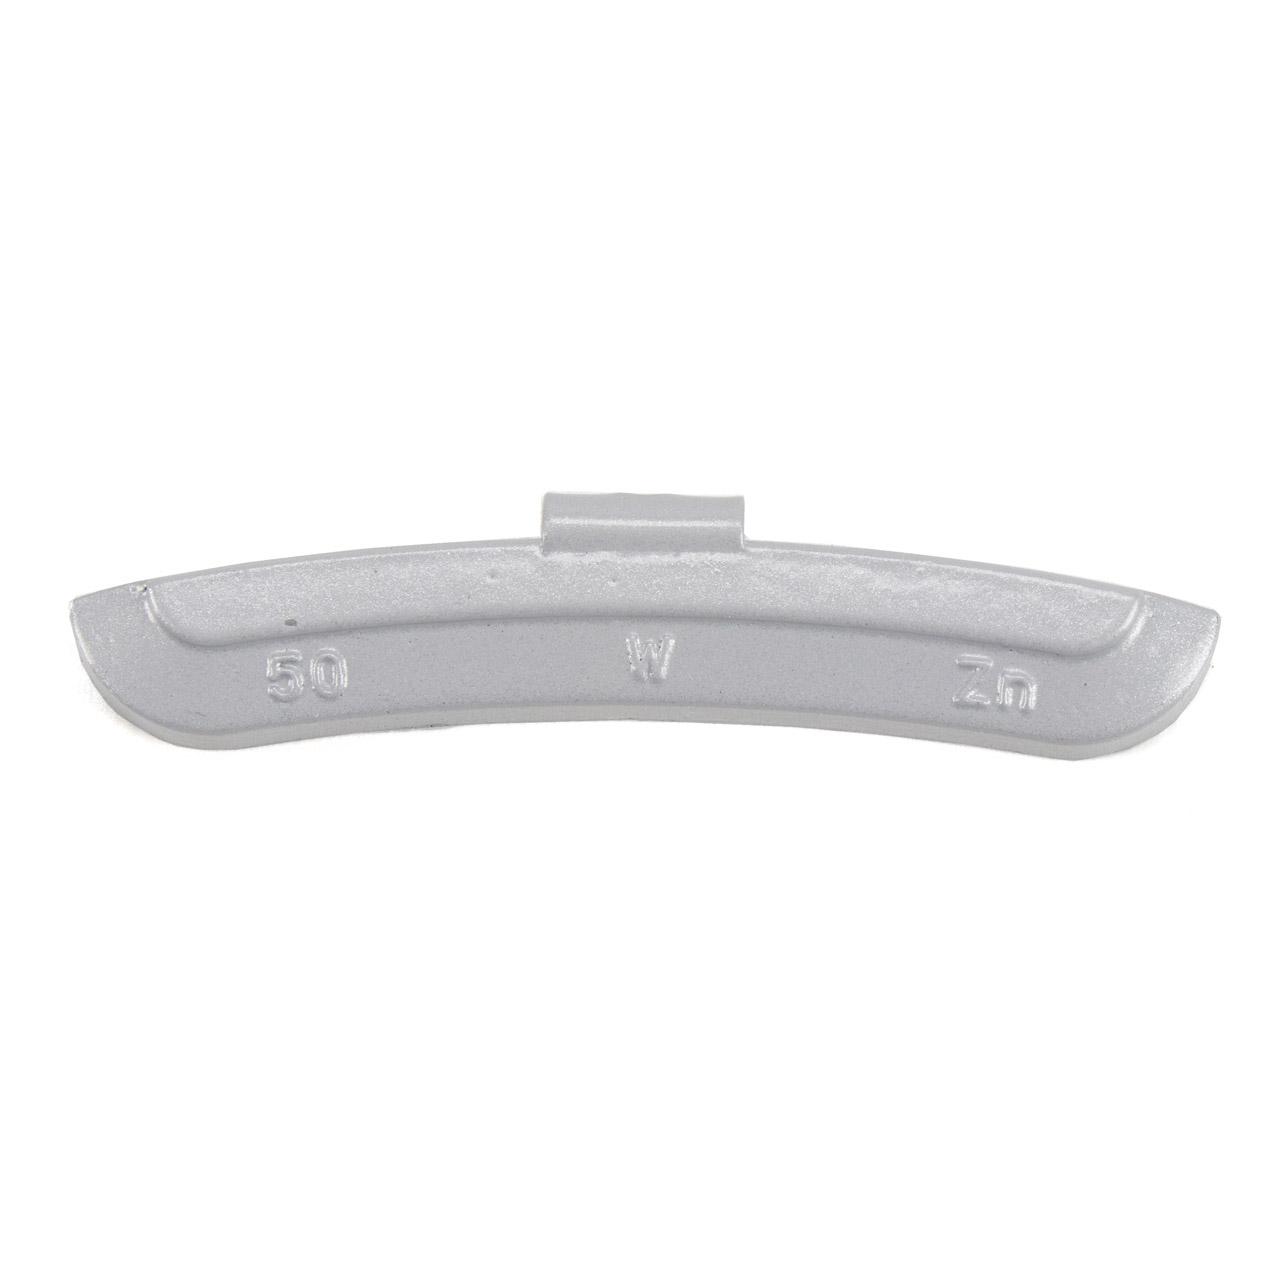 GEMATIC Auswuchtgewicht Schlaggewicht für Stahlfelge GRAU-ZINK 50 Stück x 50g